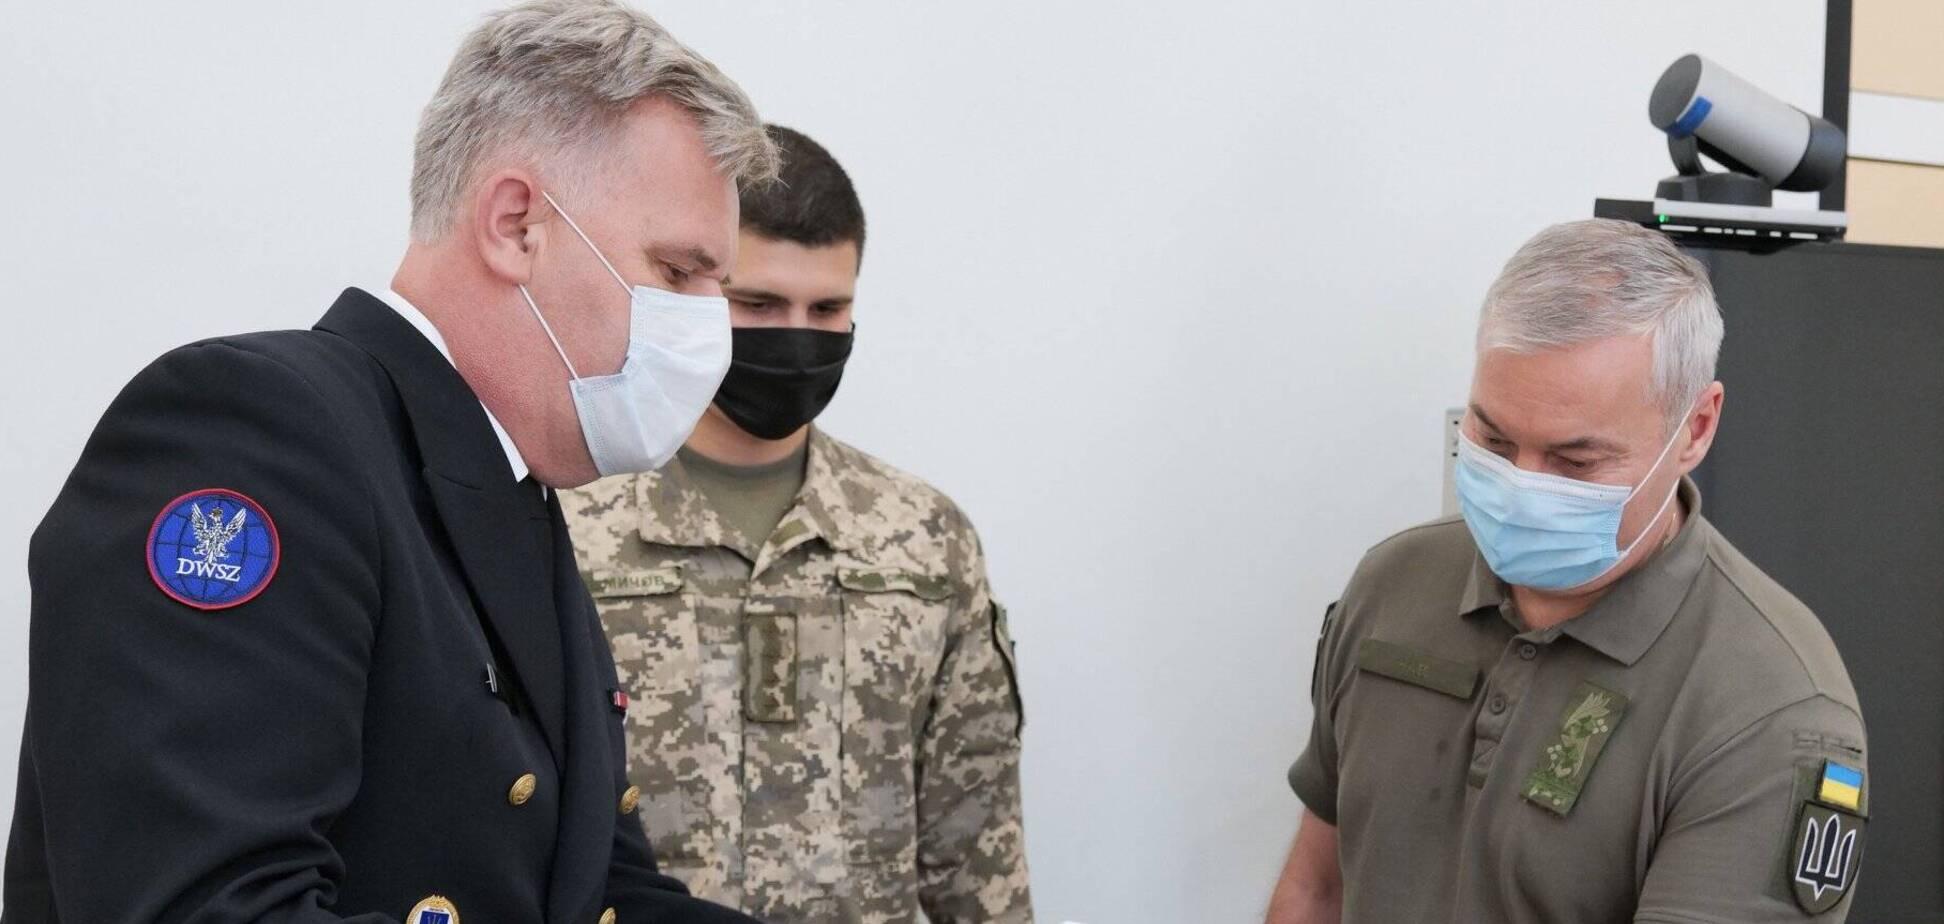 Наєв зустрівся із представником Польщі у рамках співпраці з НАТО. Джерело: Facebook ОС ЗСУ